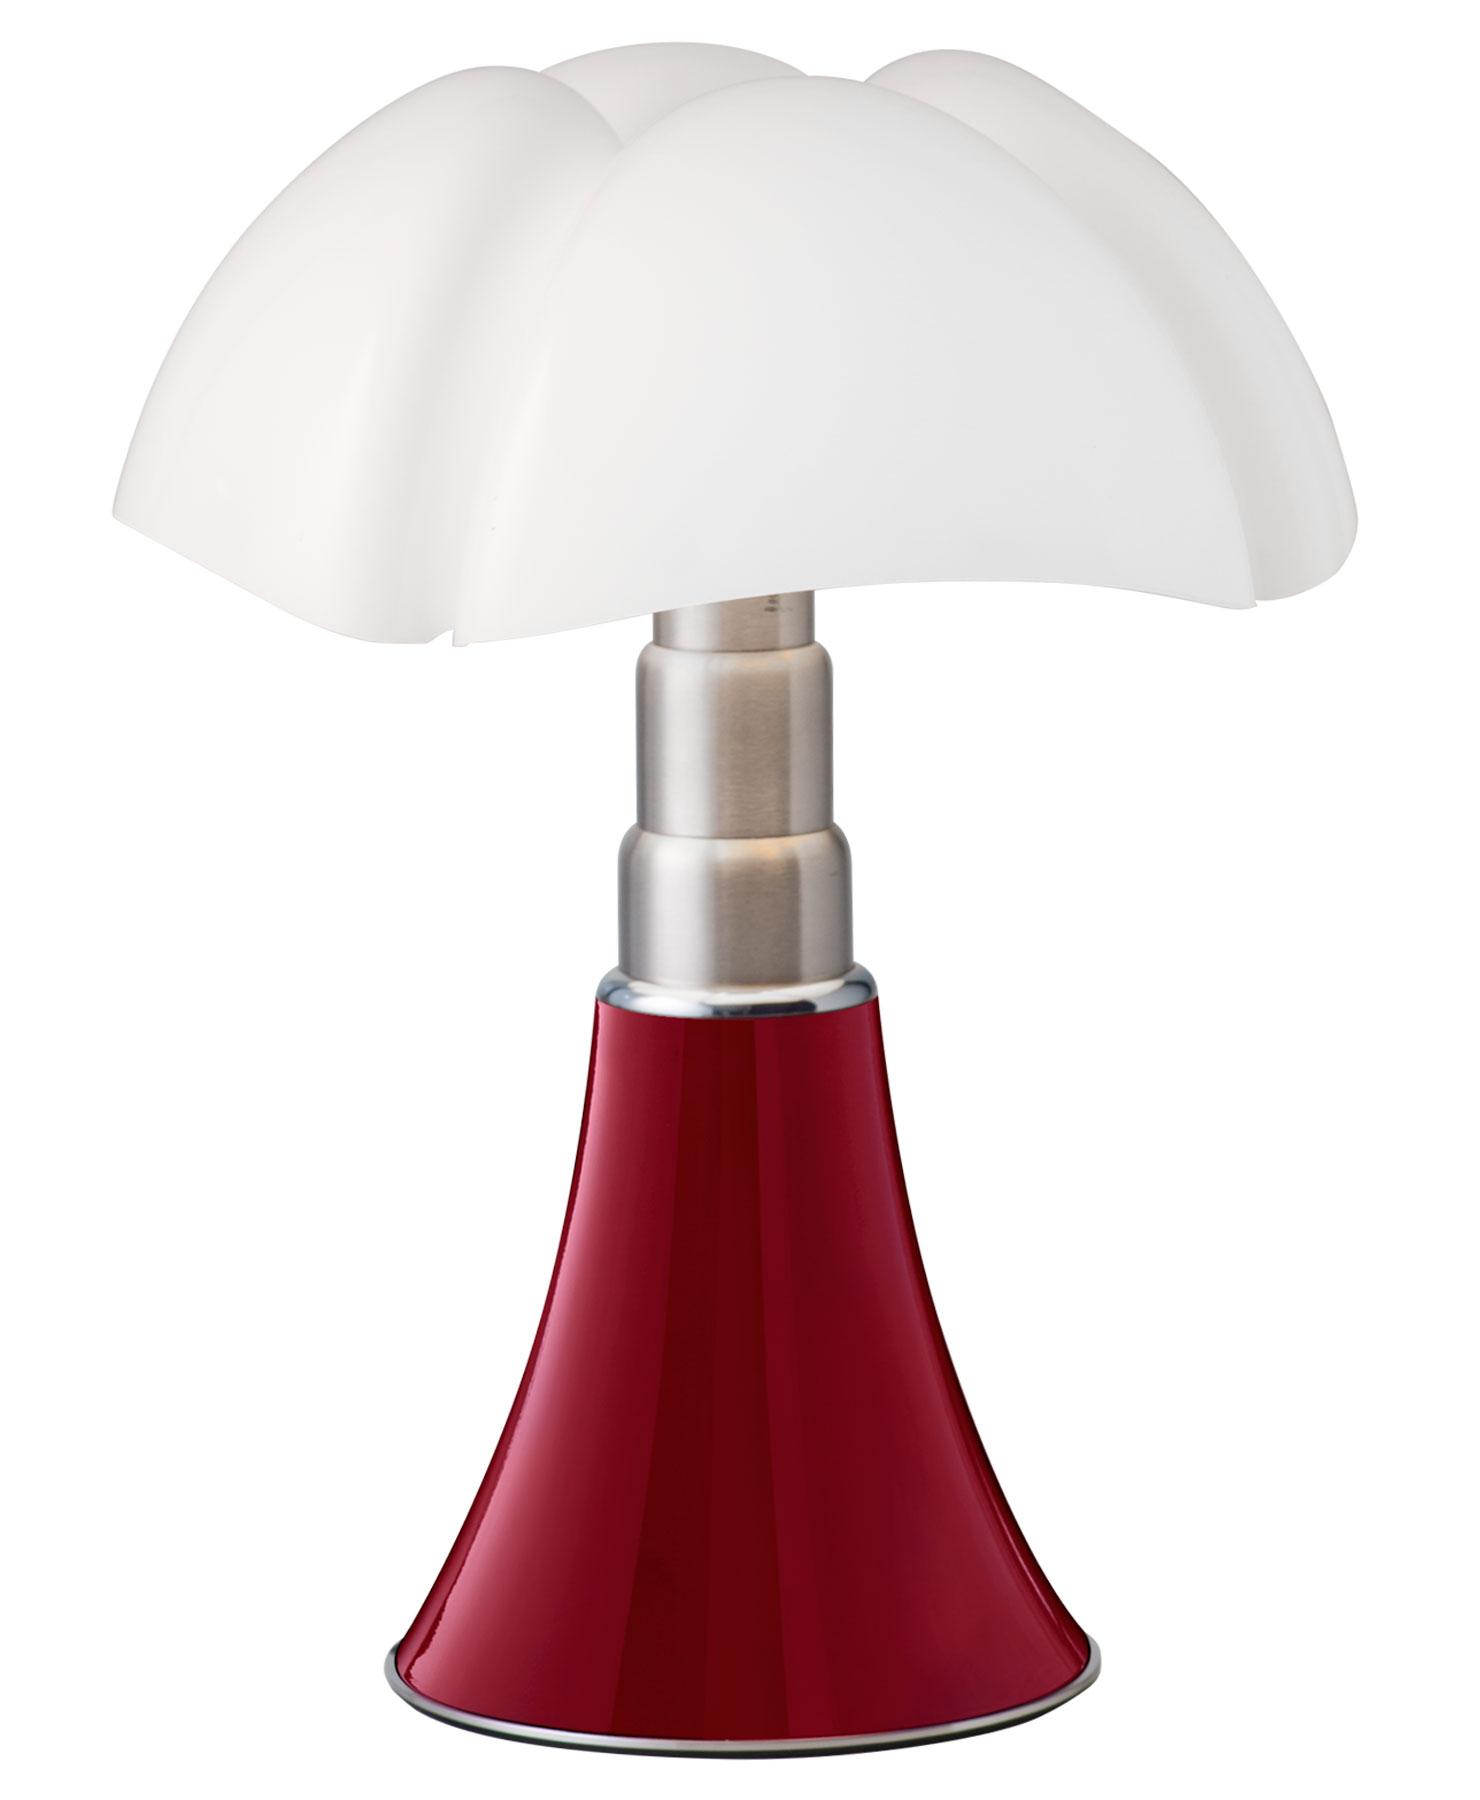 PIPISTRELLO | Mini Table Light, Martinelli Luce